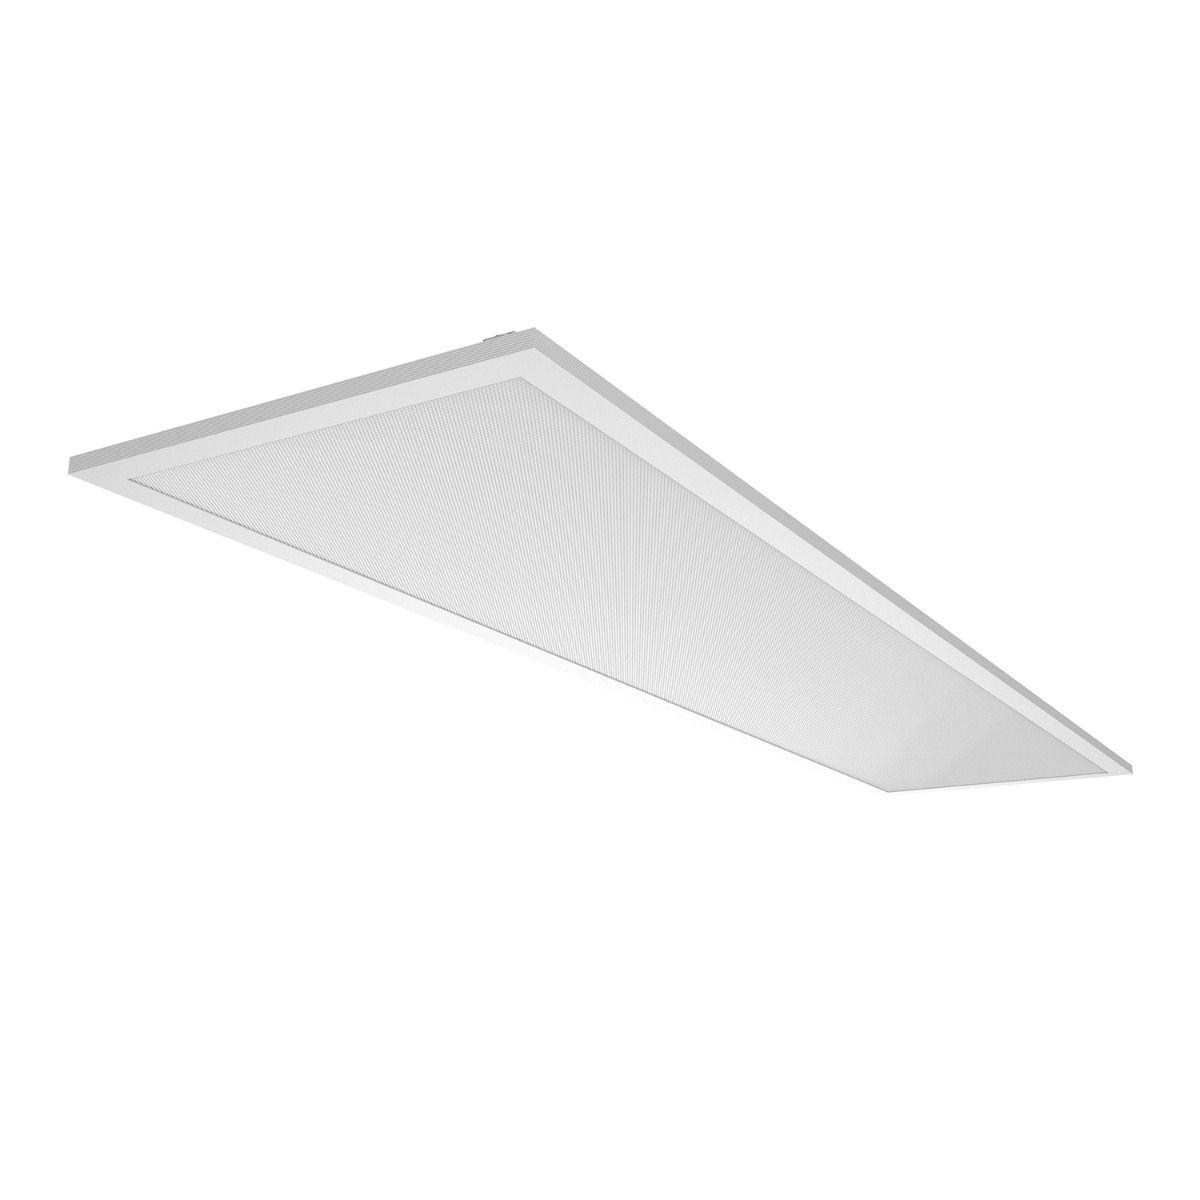 Noxion LED Paneeli Delta Pro V3 Highlum 36W 4000K 5500lm 30x120cm UGR <19 | Kylmä Valkoinen - Korvaa 2x36\W